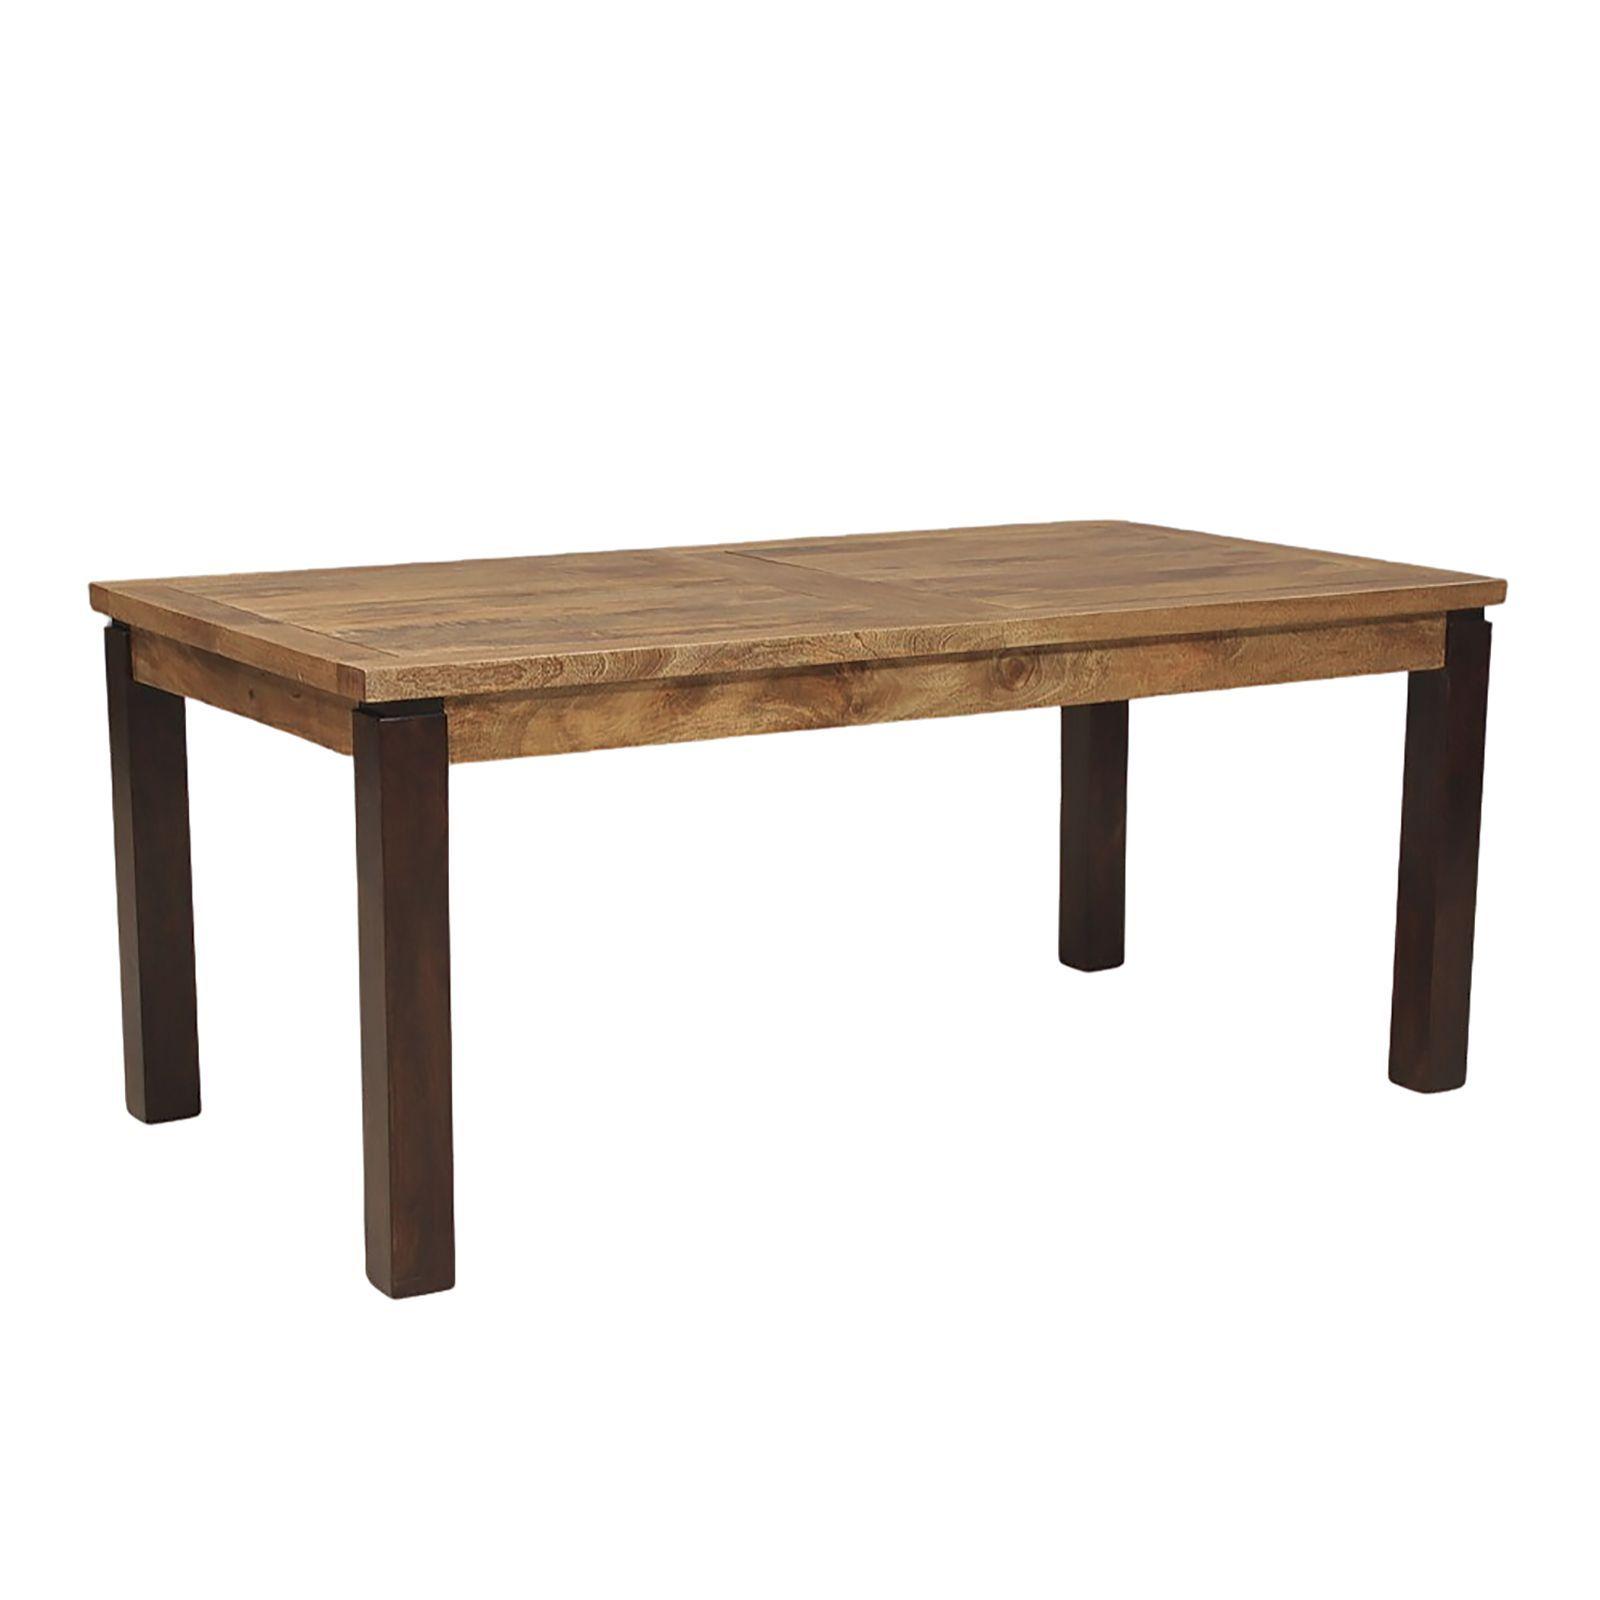 Table à manger rectangulaire avec allonge en bois exotique